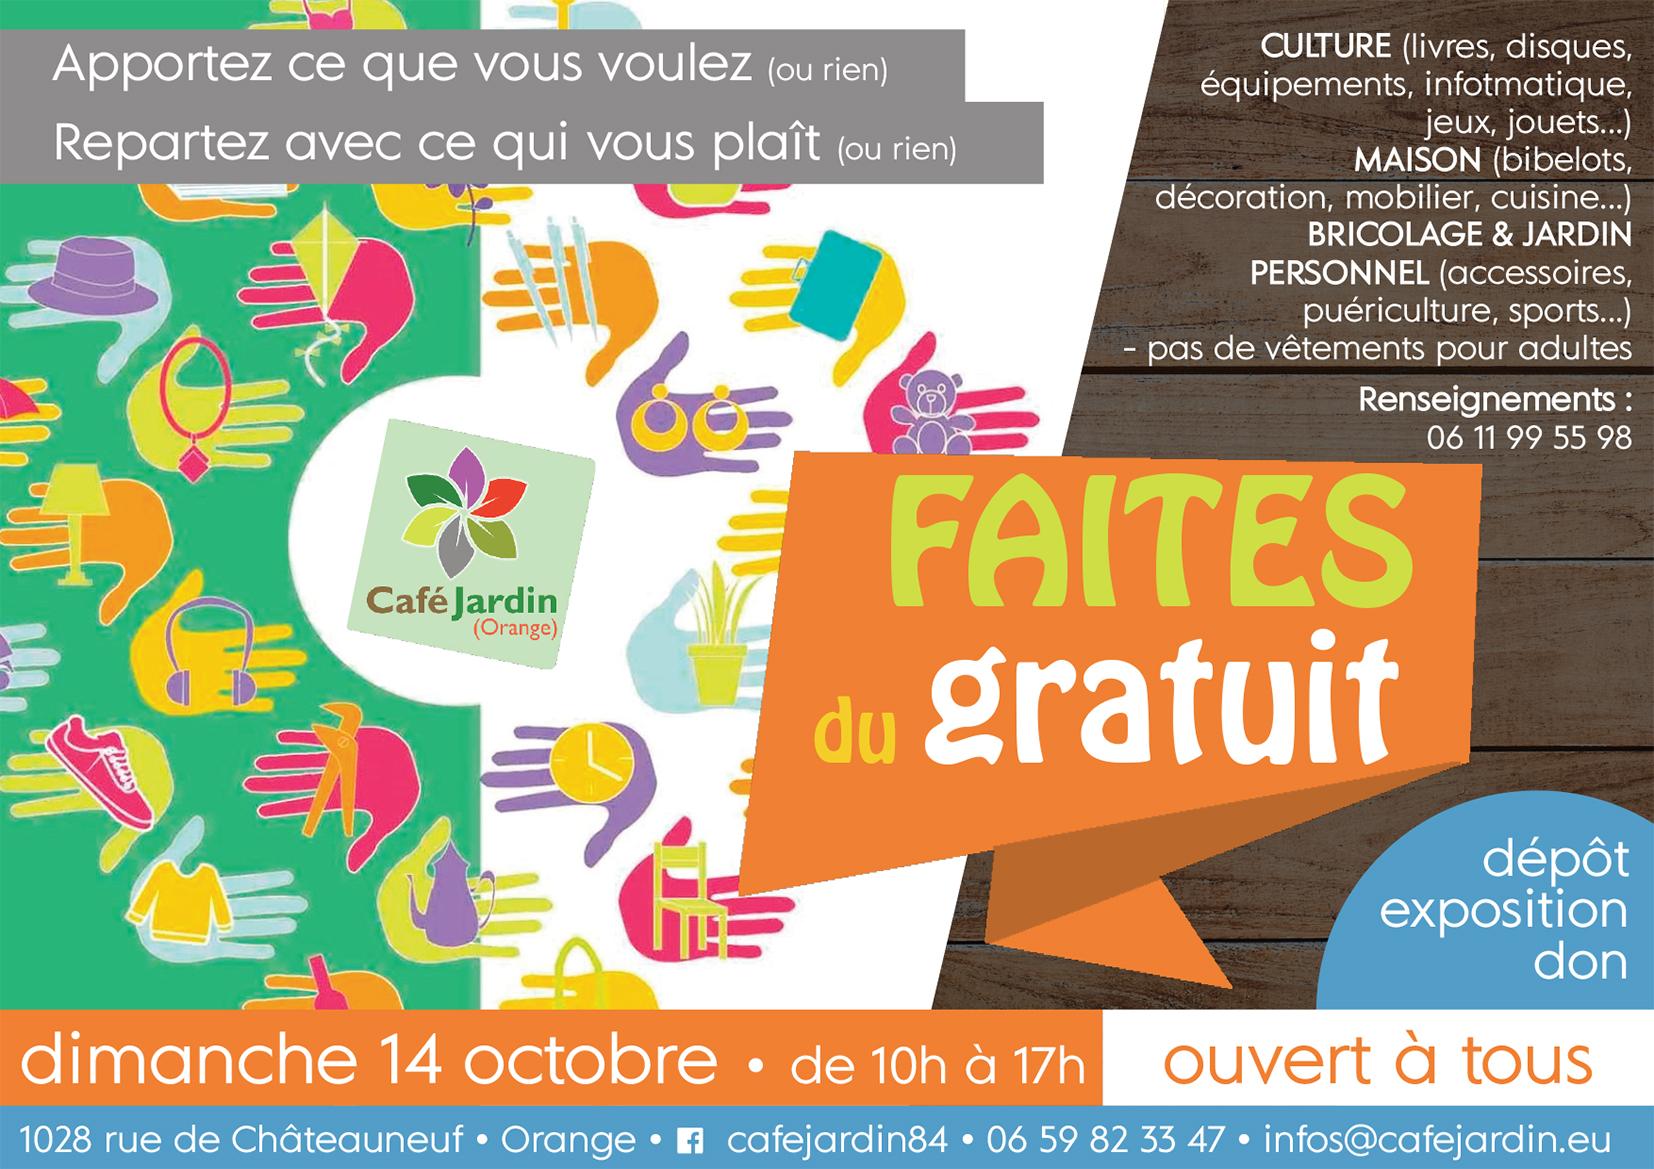 FAITES DU GRATUIT - dimanche 14 octobre -